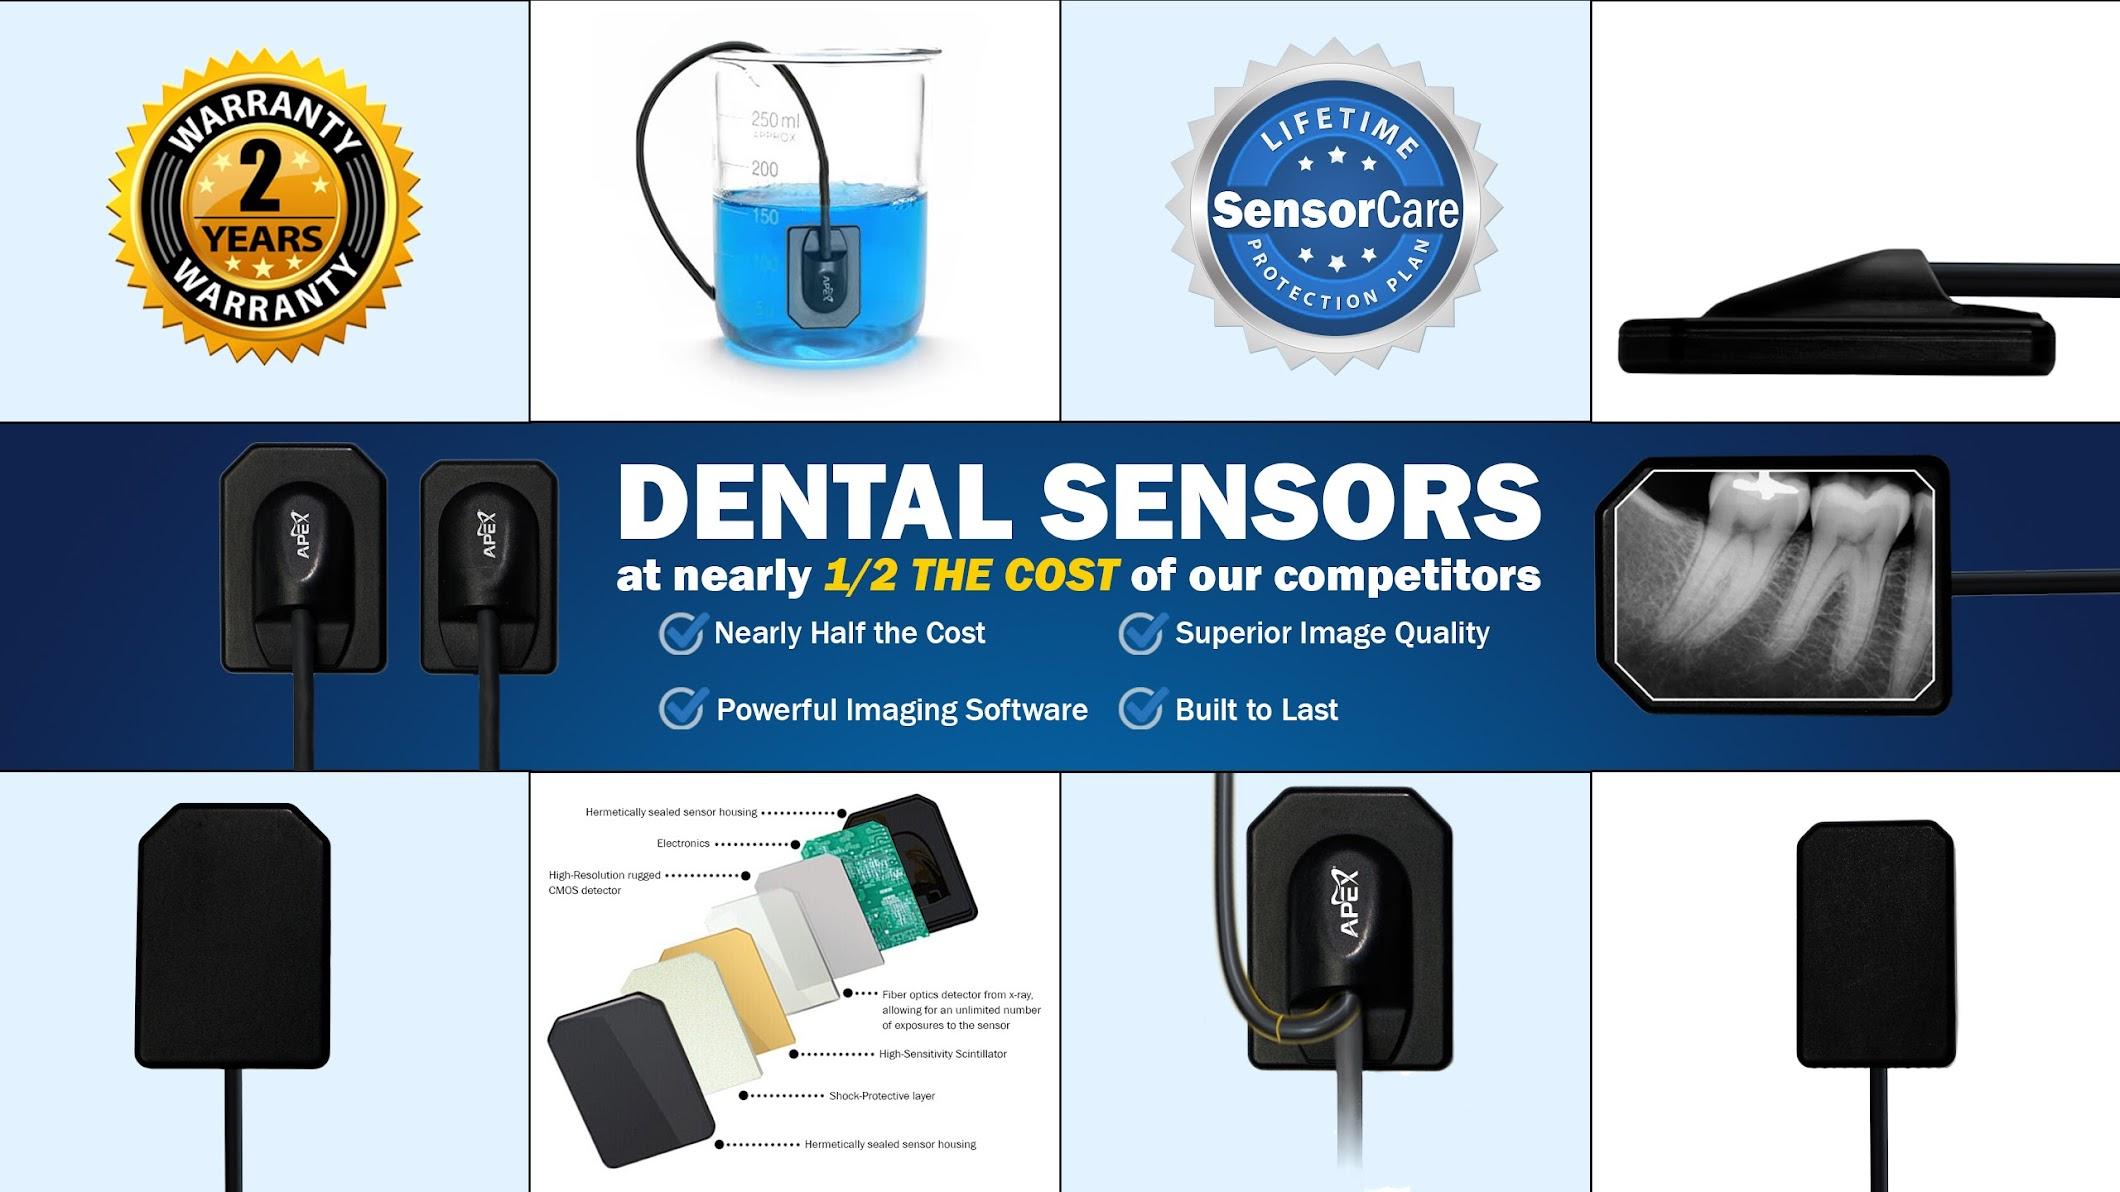 Apex Dental Sensors